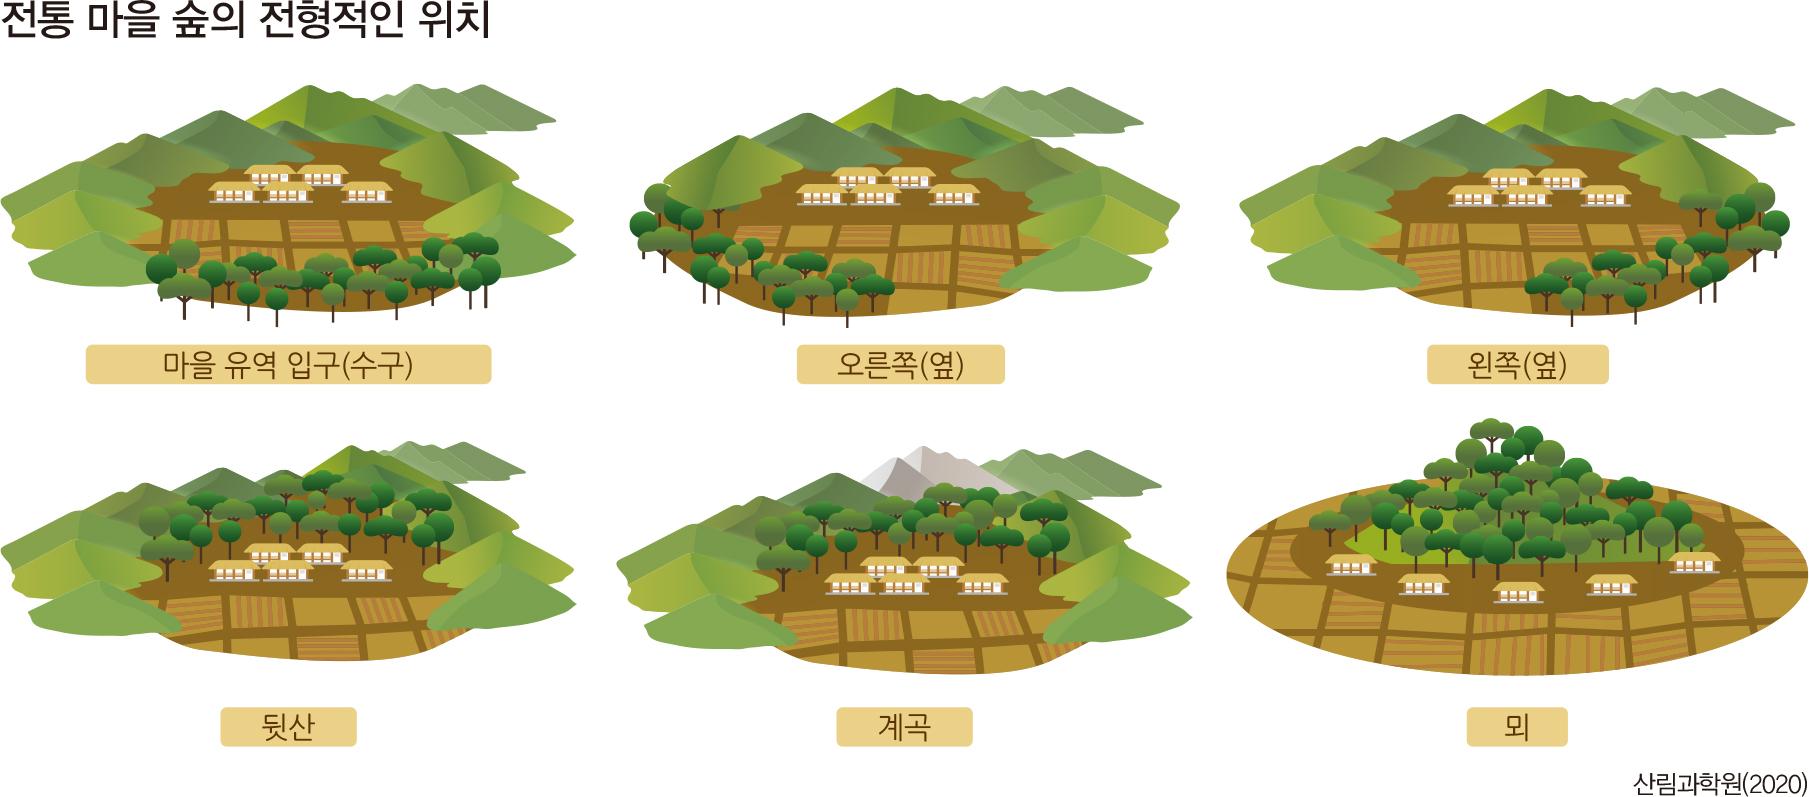 전통 마을 숲의 전형적인 위치